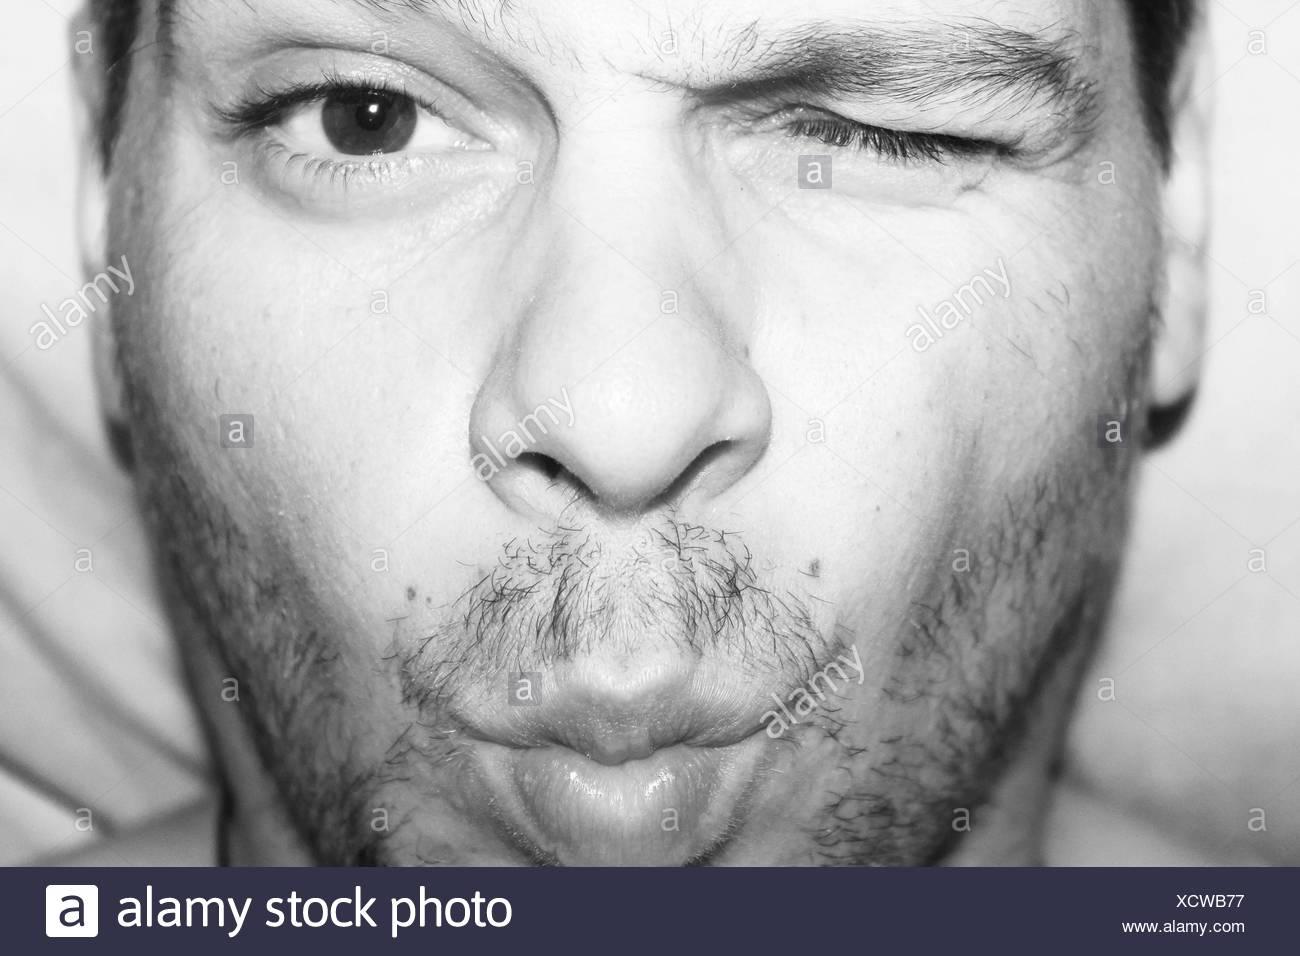 Porträt des Mannes mit einem geschlossenen Auge Stockbild